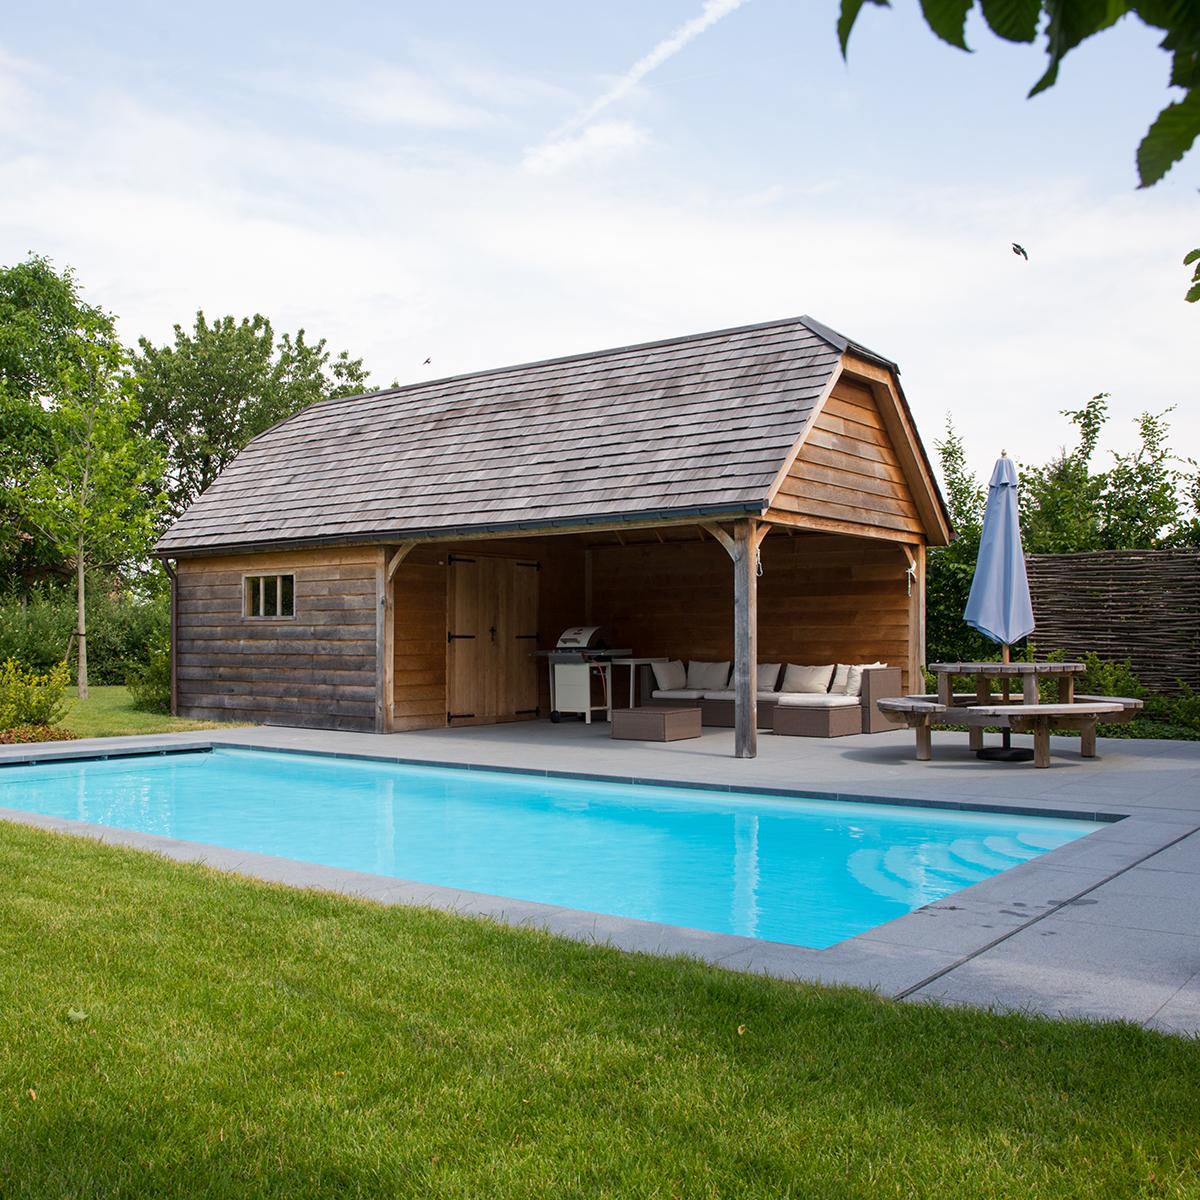 Ontwerp en aanleg van uw tuin en zwemvijver - Aanleg van groenvoorzieningen idee ...